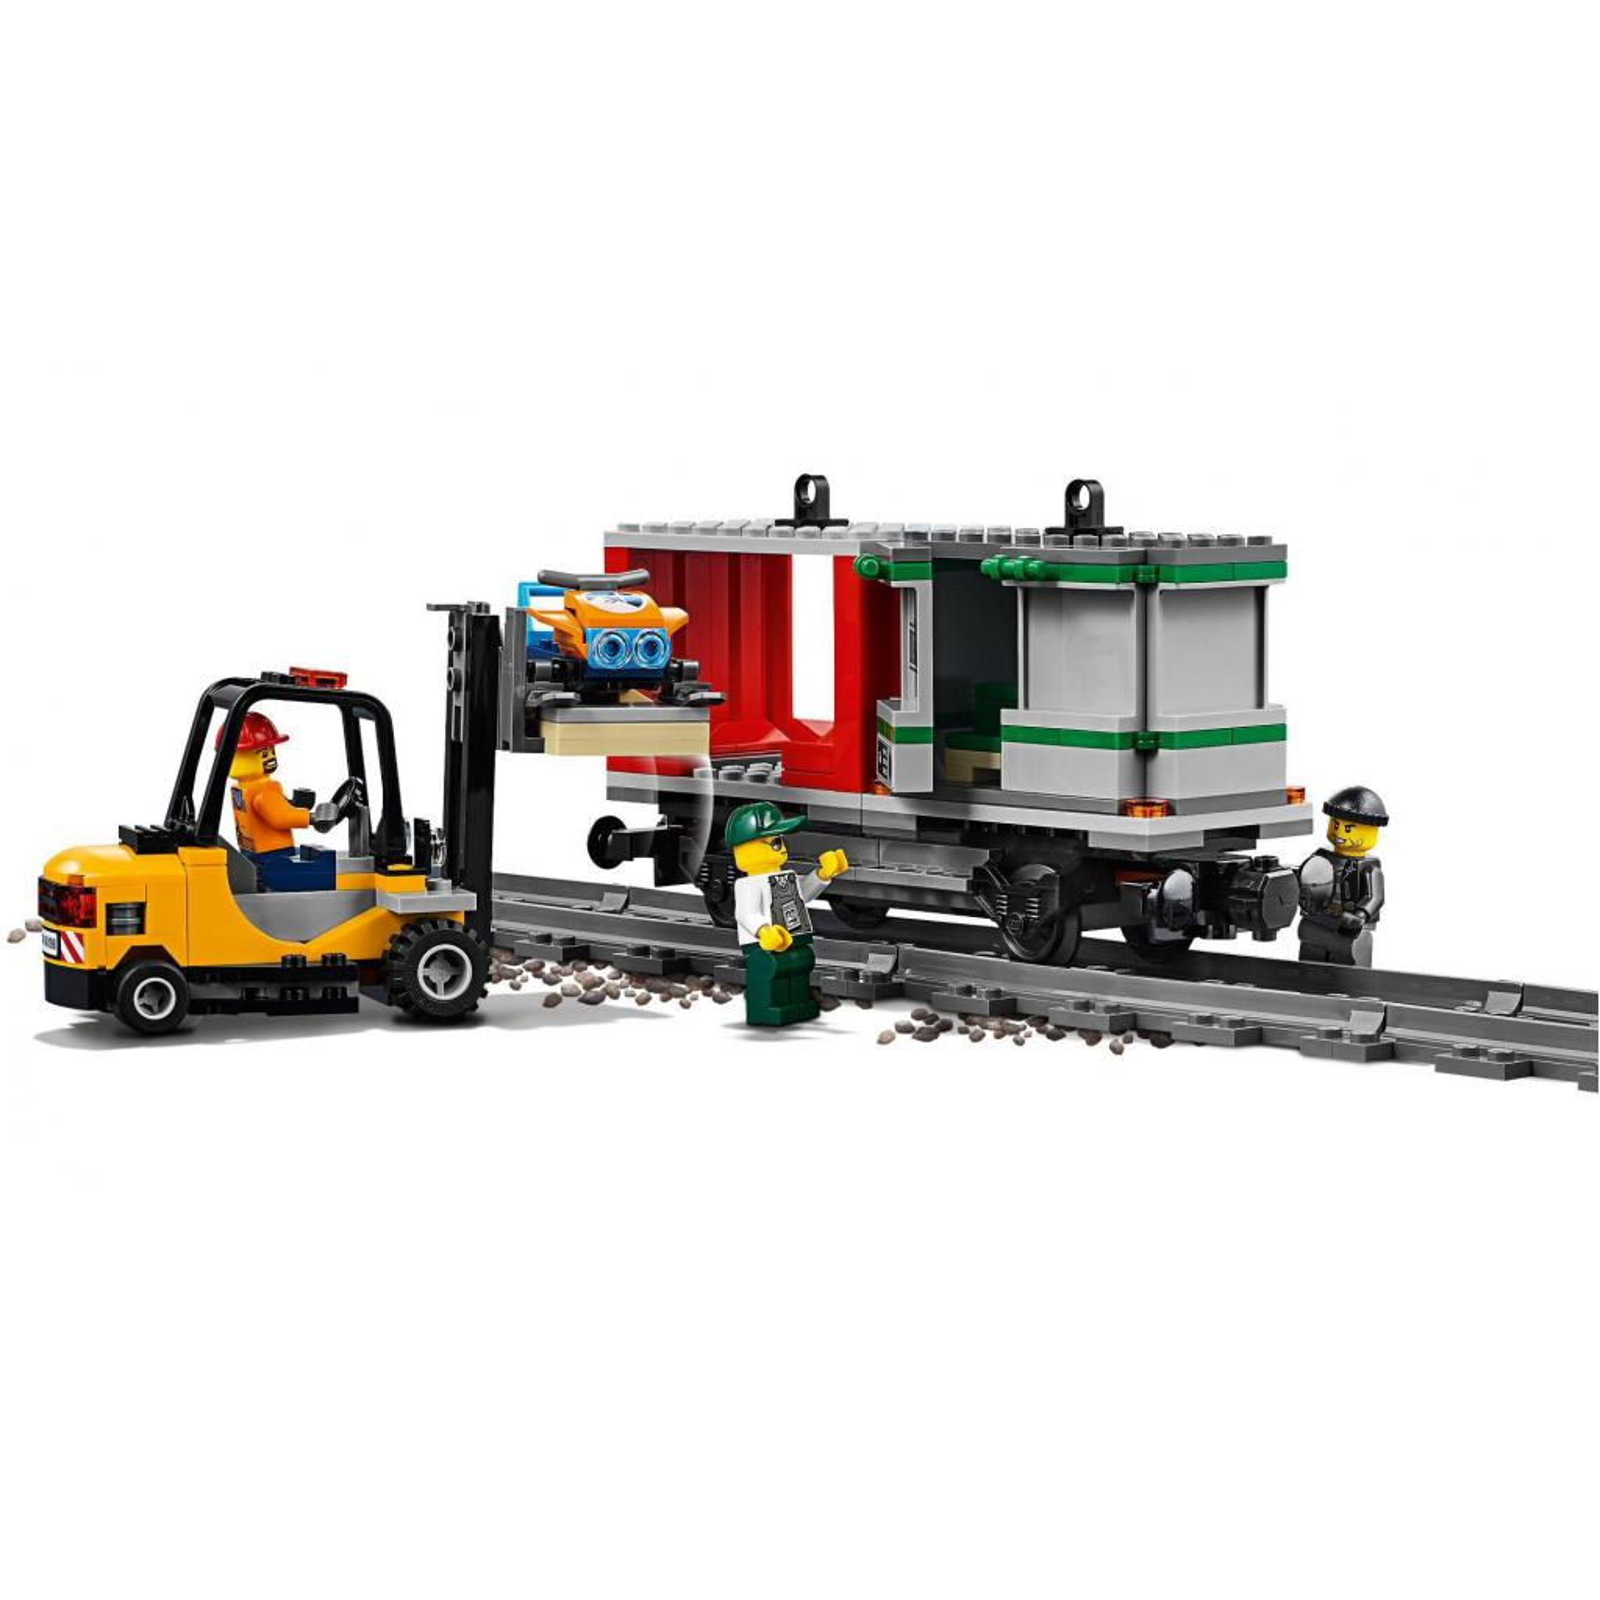 Конструктор LEGO CITY Грузовой поезд (60198) изображение 5